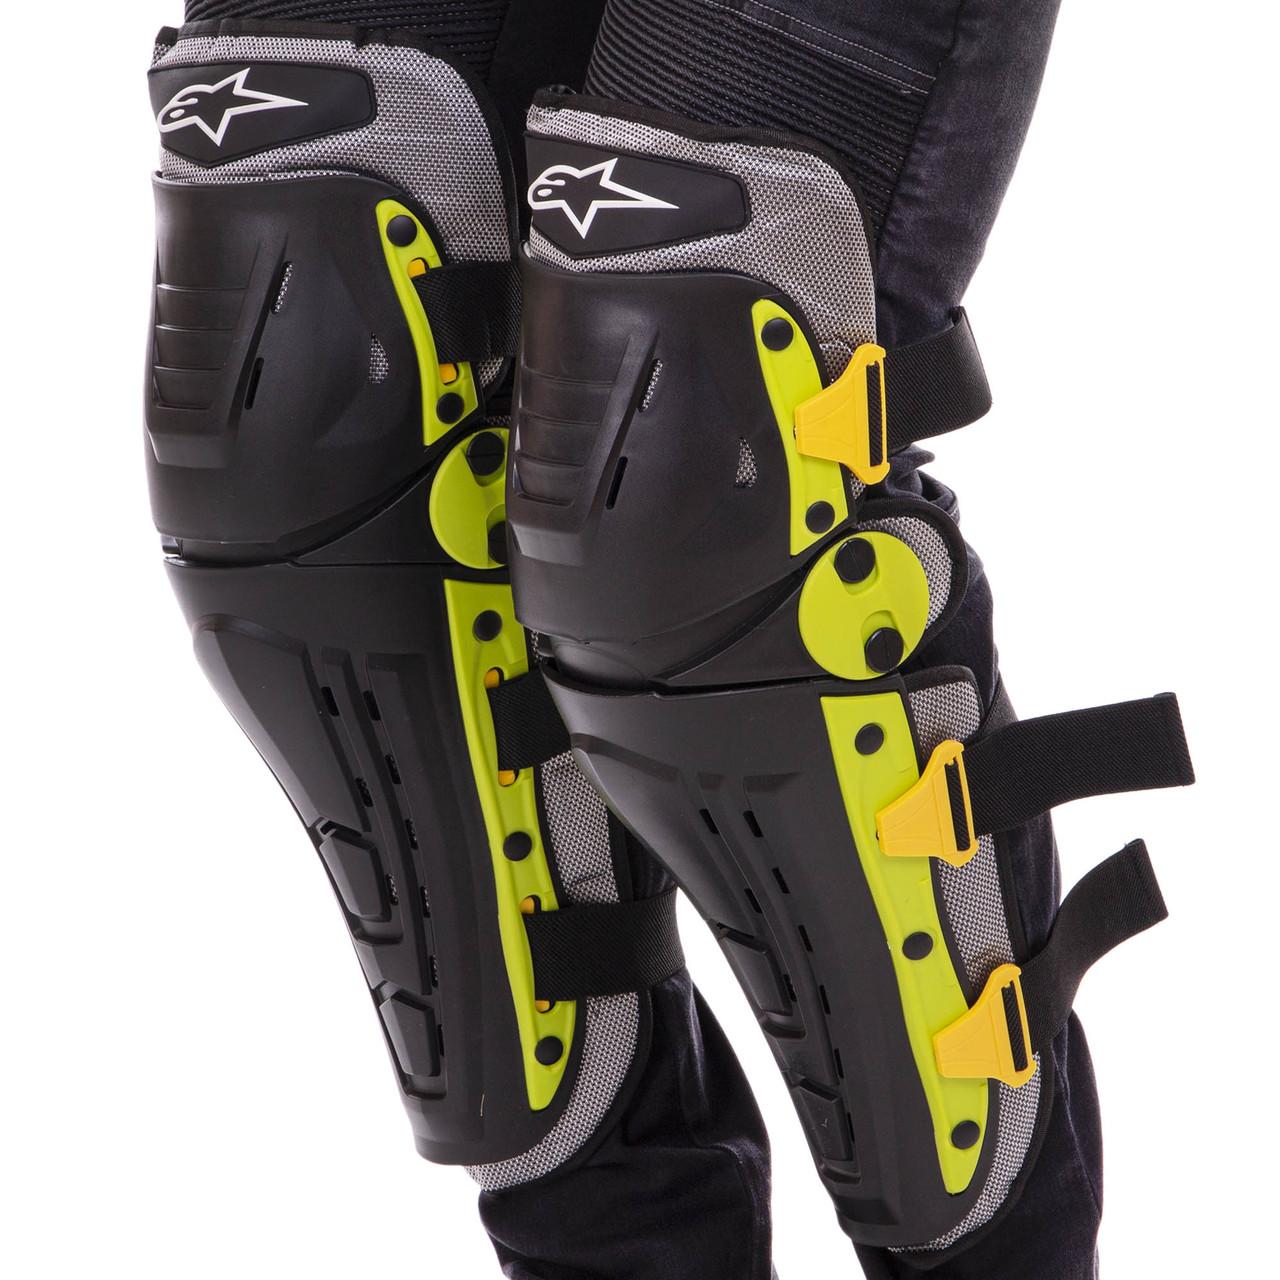 Мотозахист колін гомілки 2 шт наколінники шарнірні Alpinestars Чорний-салатовий Пластик (MS-4821)